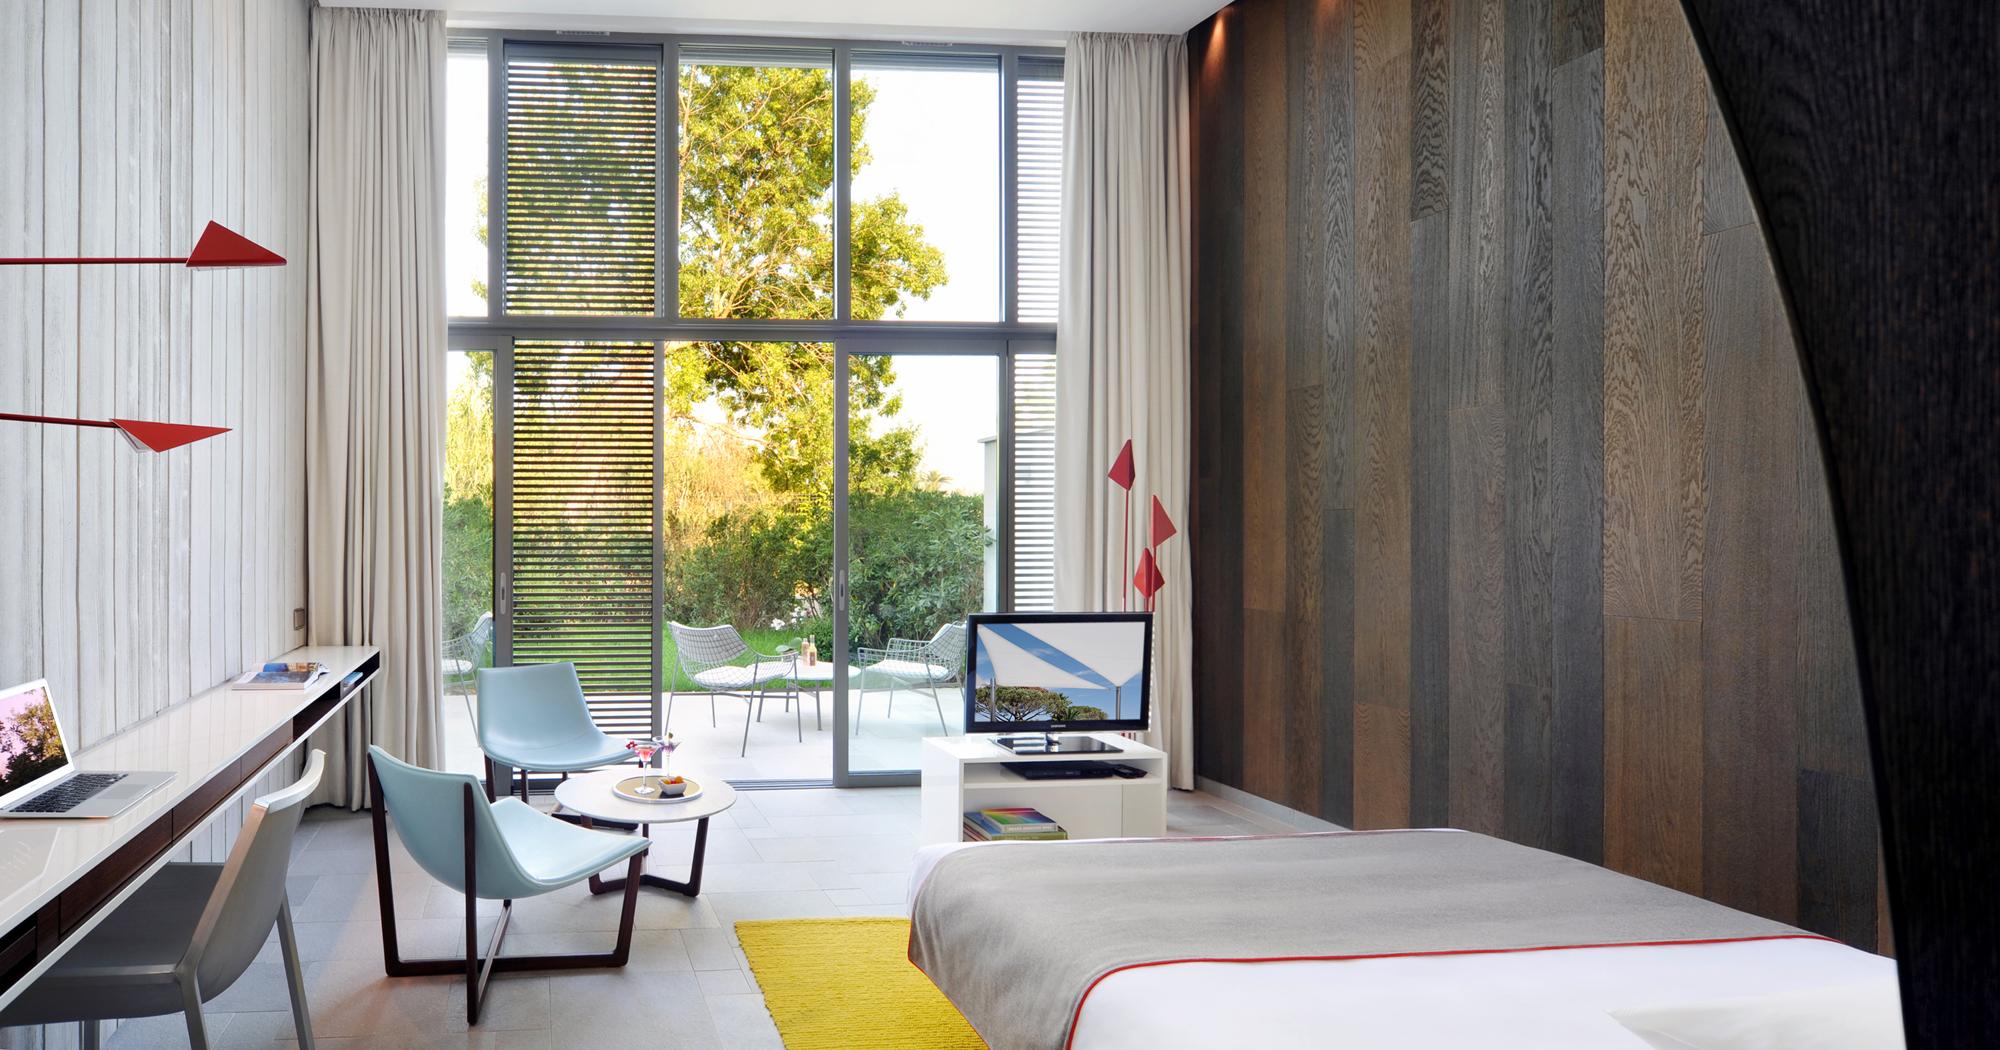 Porro, image:news_immagini - Porro Spa - Hotel Sezz, Saint Tropez